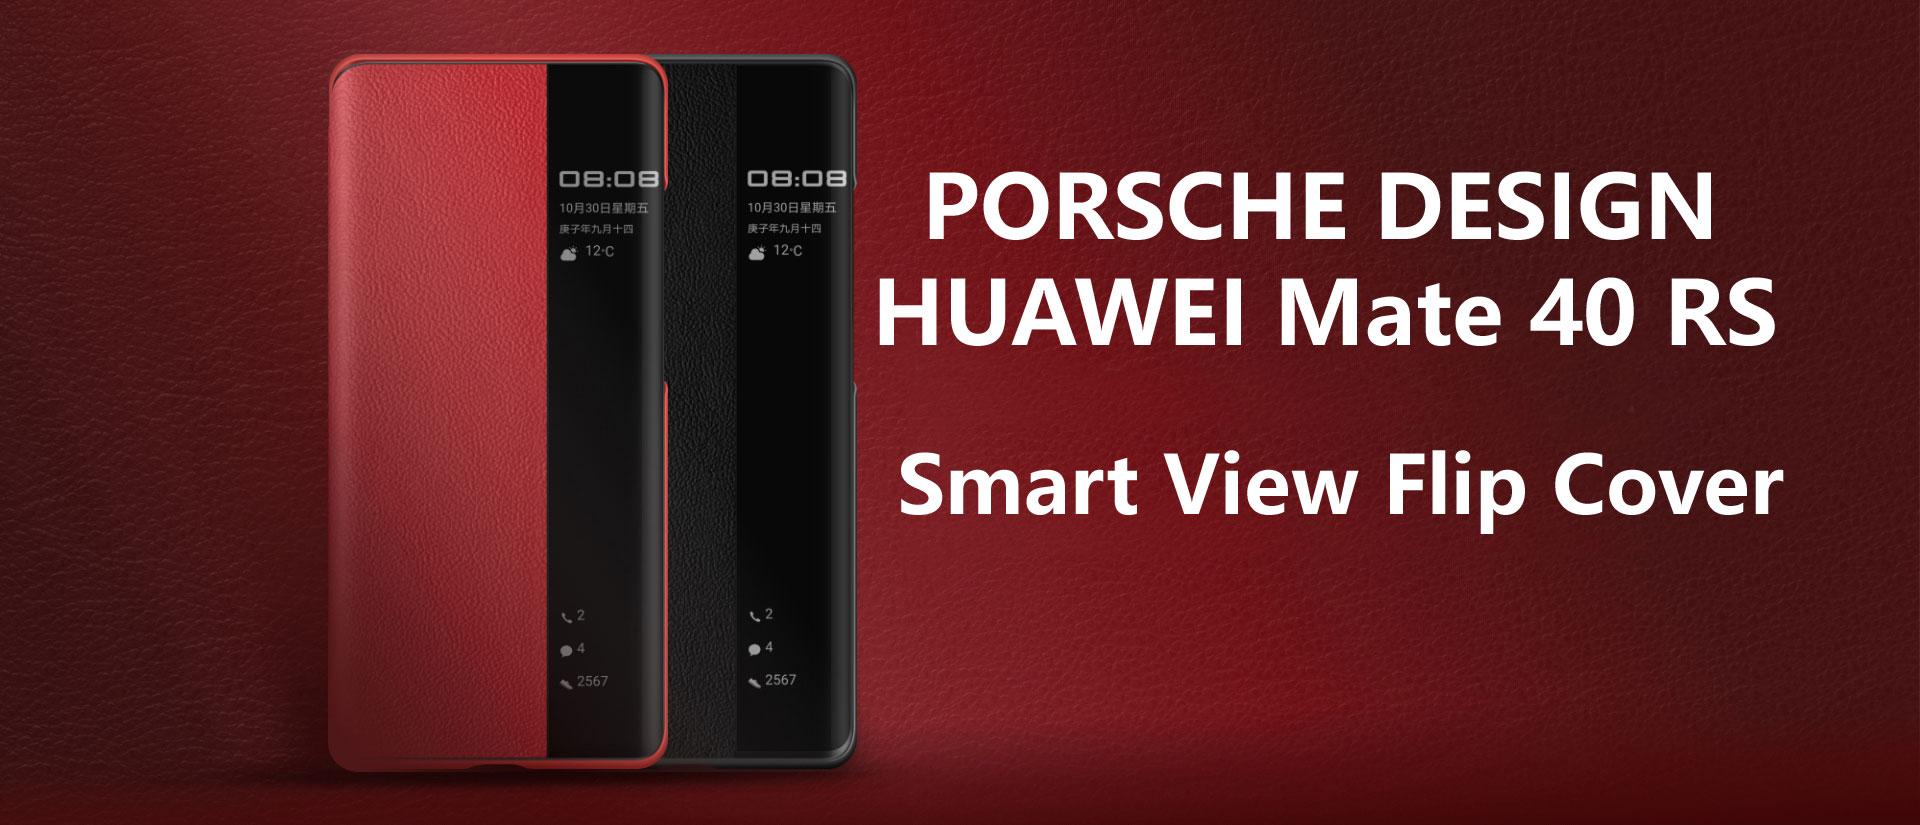 Huawei_Mate_40_RS_Porsche_Design_Smart_View_Flip_Cover-01.jpg